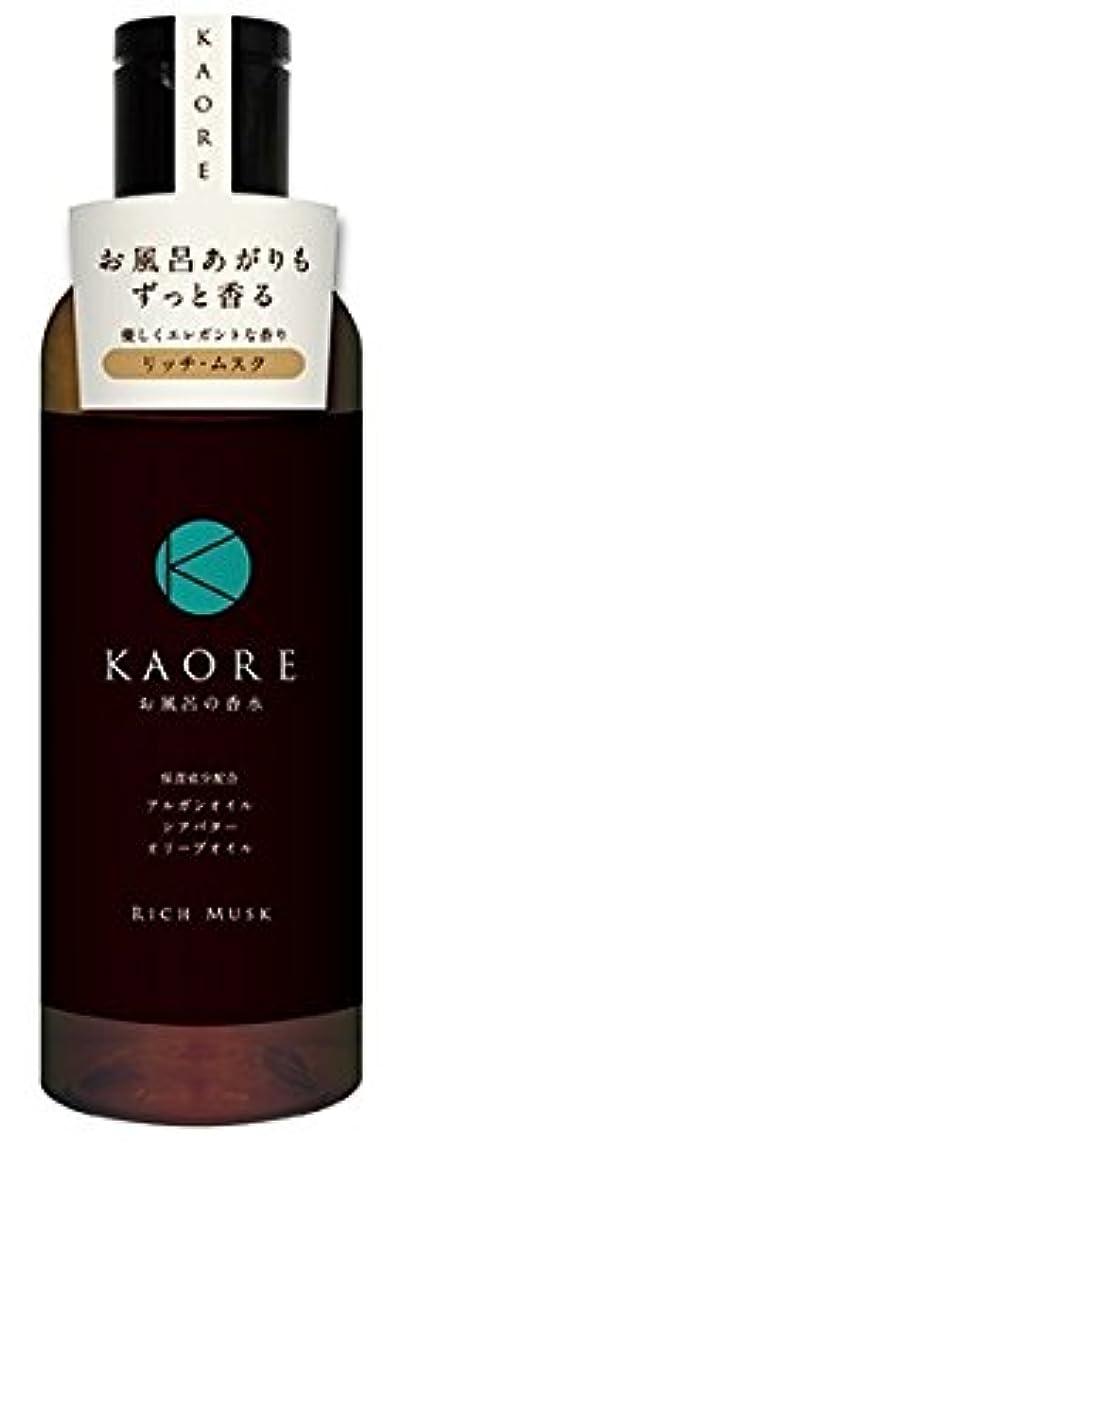 とにかく論争拍手KAORE(カオリ) お風呂の香水 リッチムスク 200ml